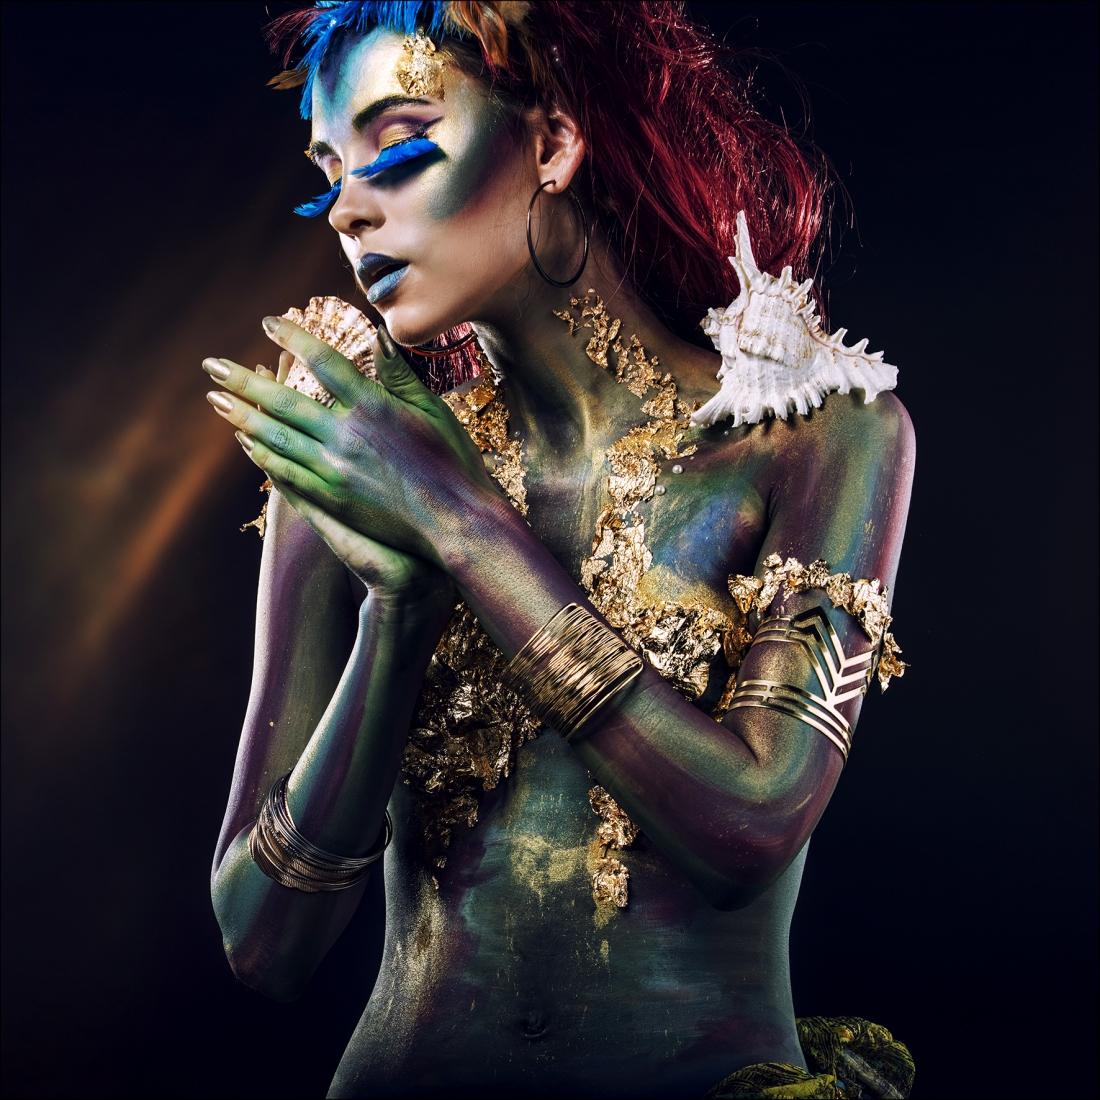 100x100 Acrylglas vrouw met schelp